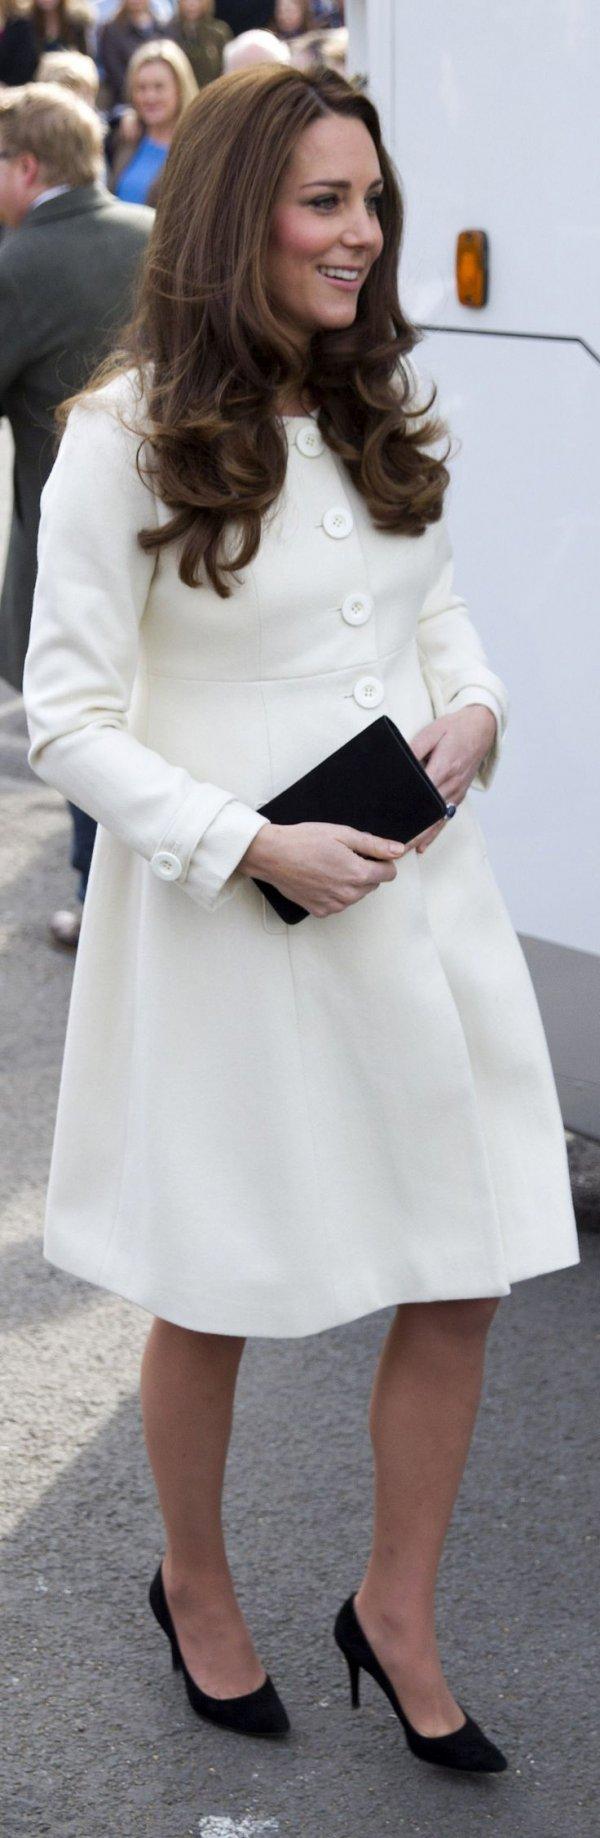 Downton Abbey Visit